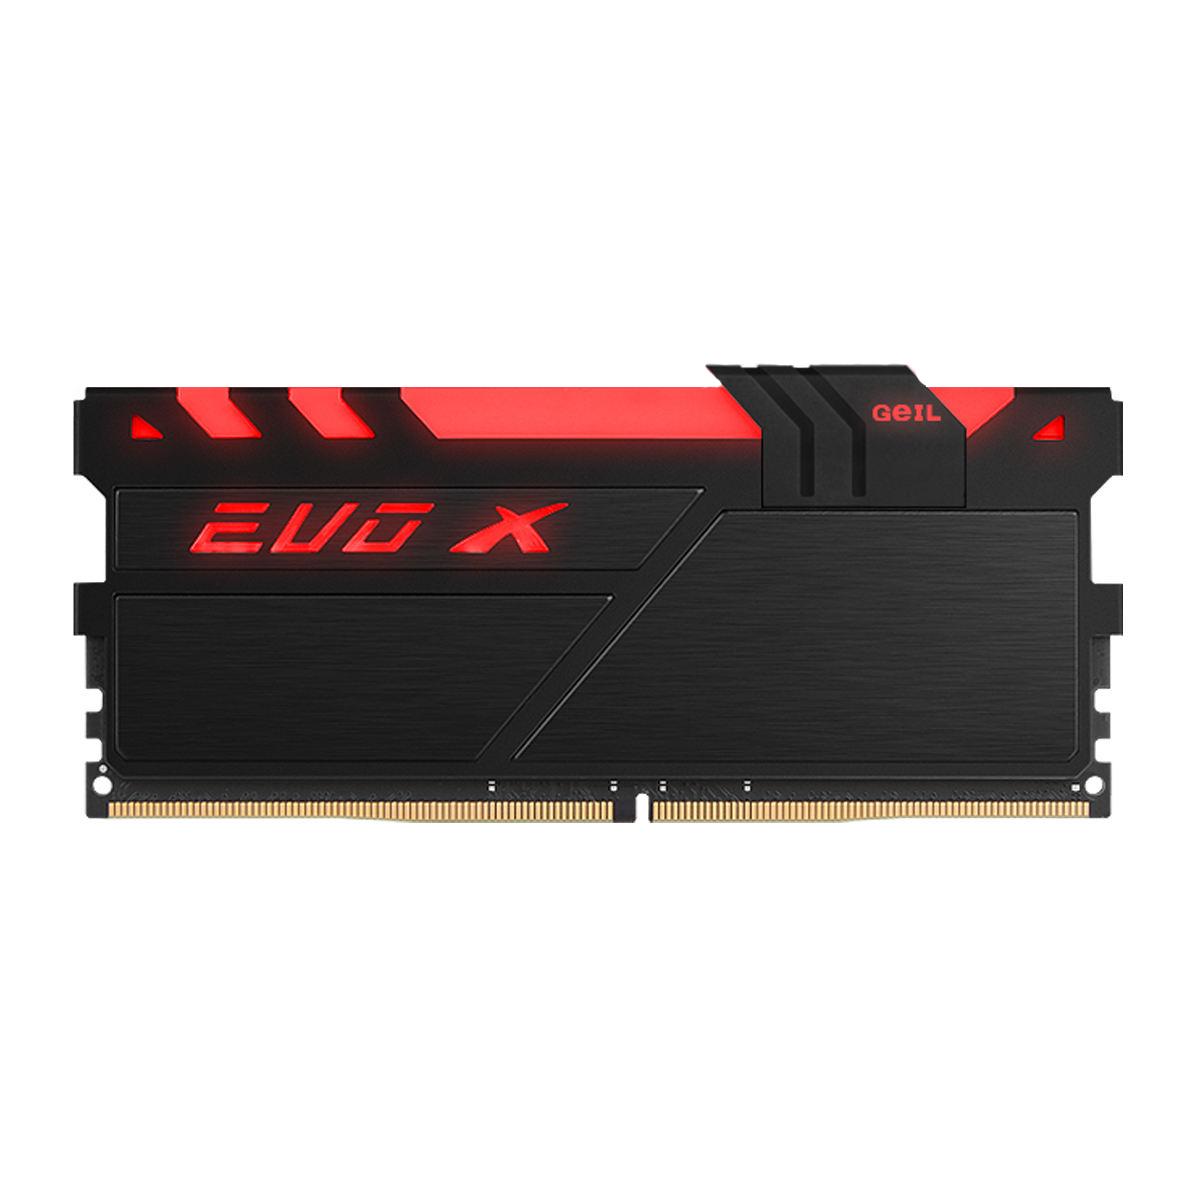 رم دسکتاپ DDR4 تک کاناله 2400 مگاهرتز CL16 گیل مدل Evo X ظرفیت 16 گیگابایت RGB